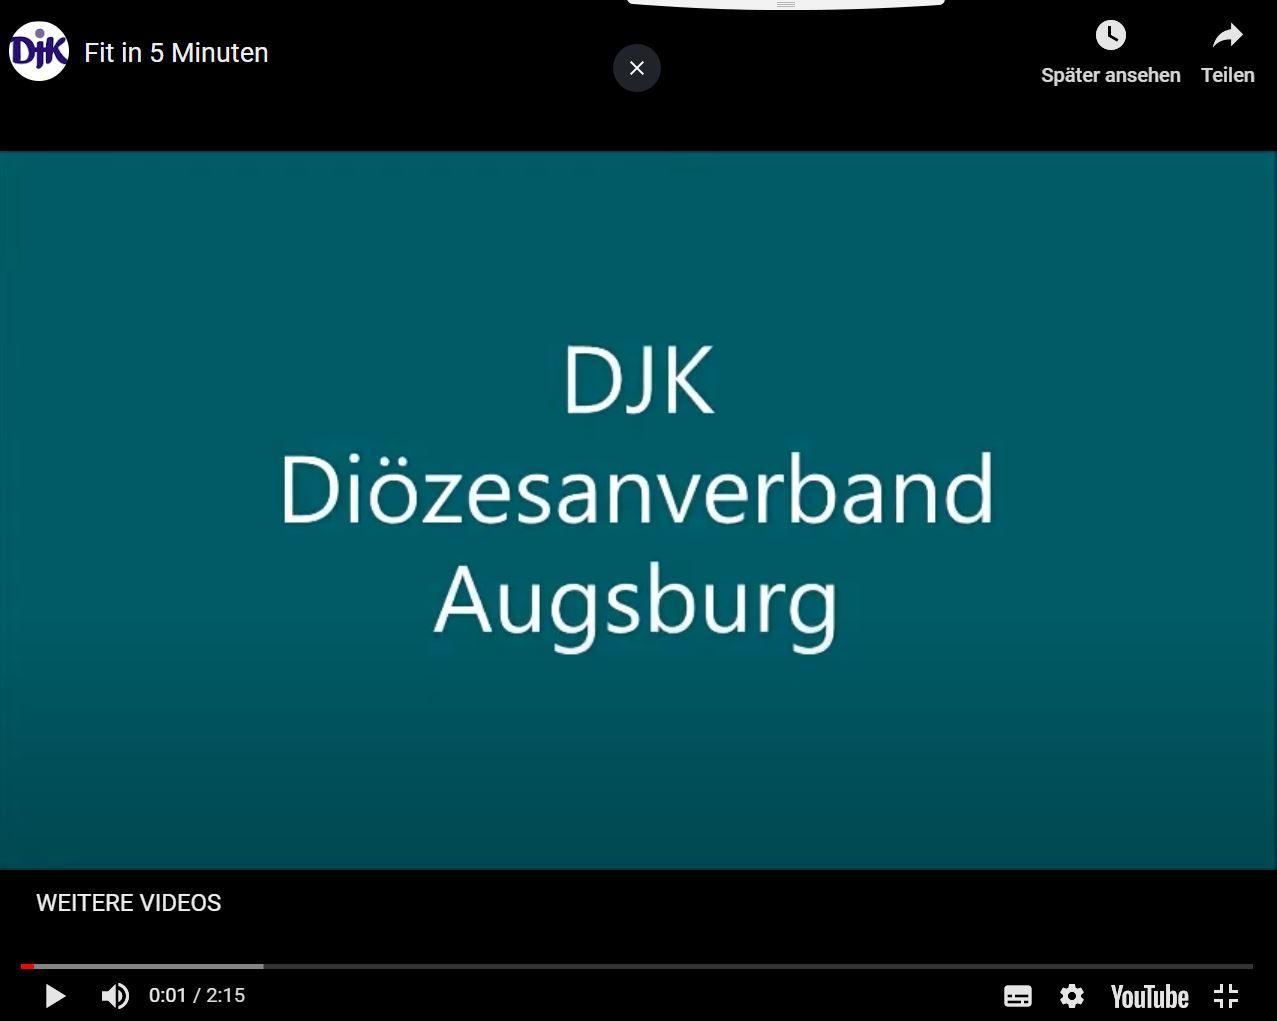 Bleib fit daheim Augsburg